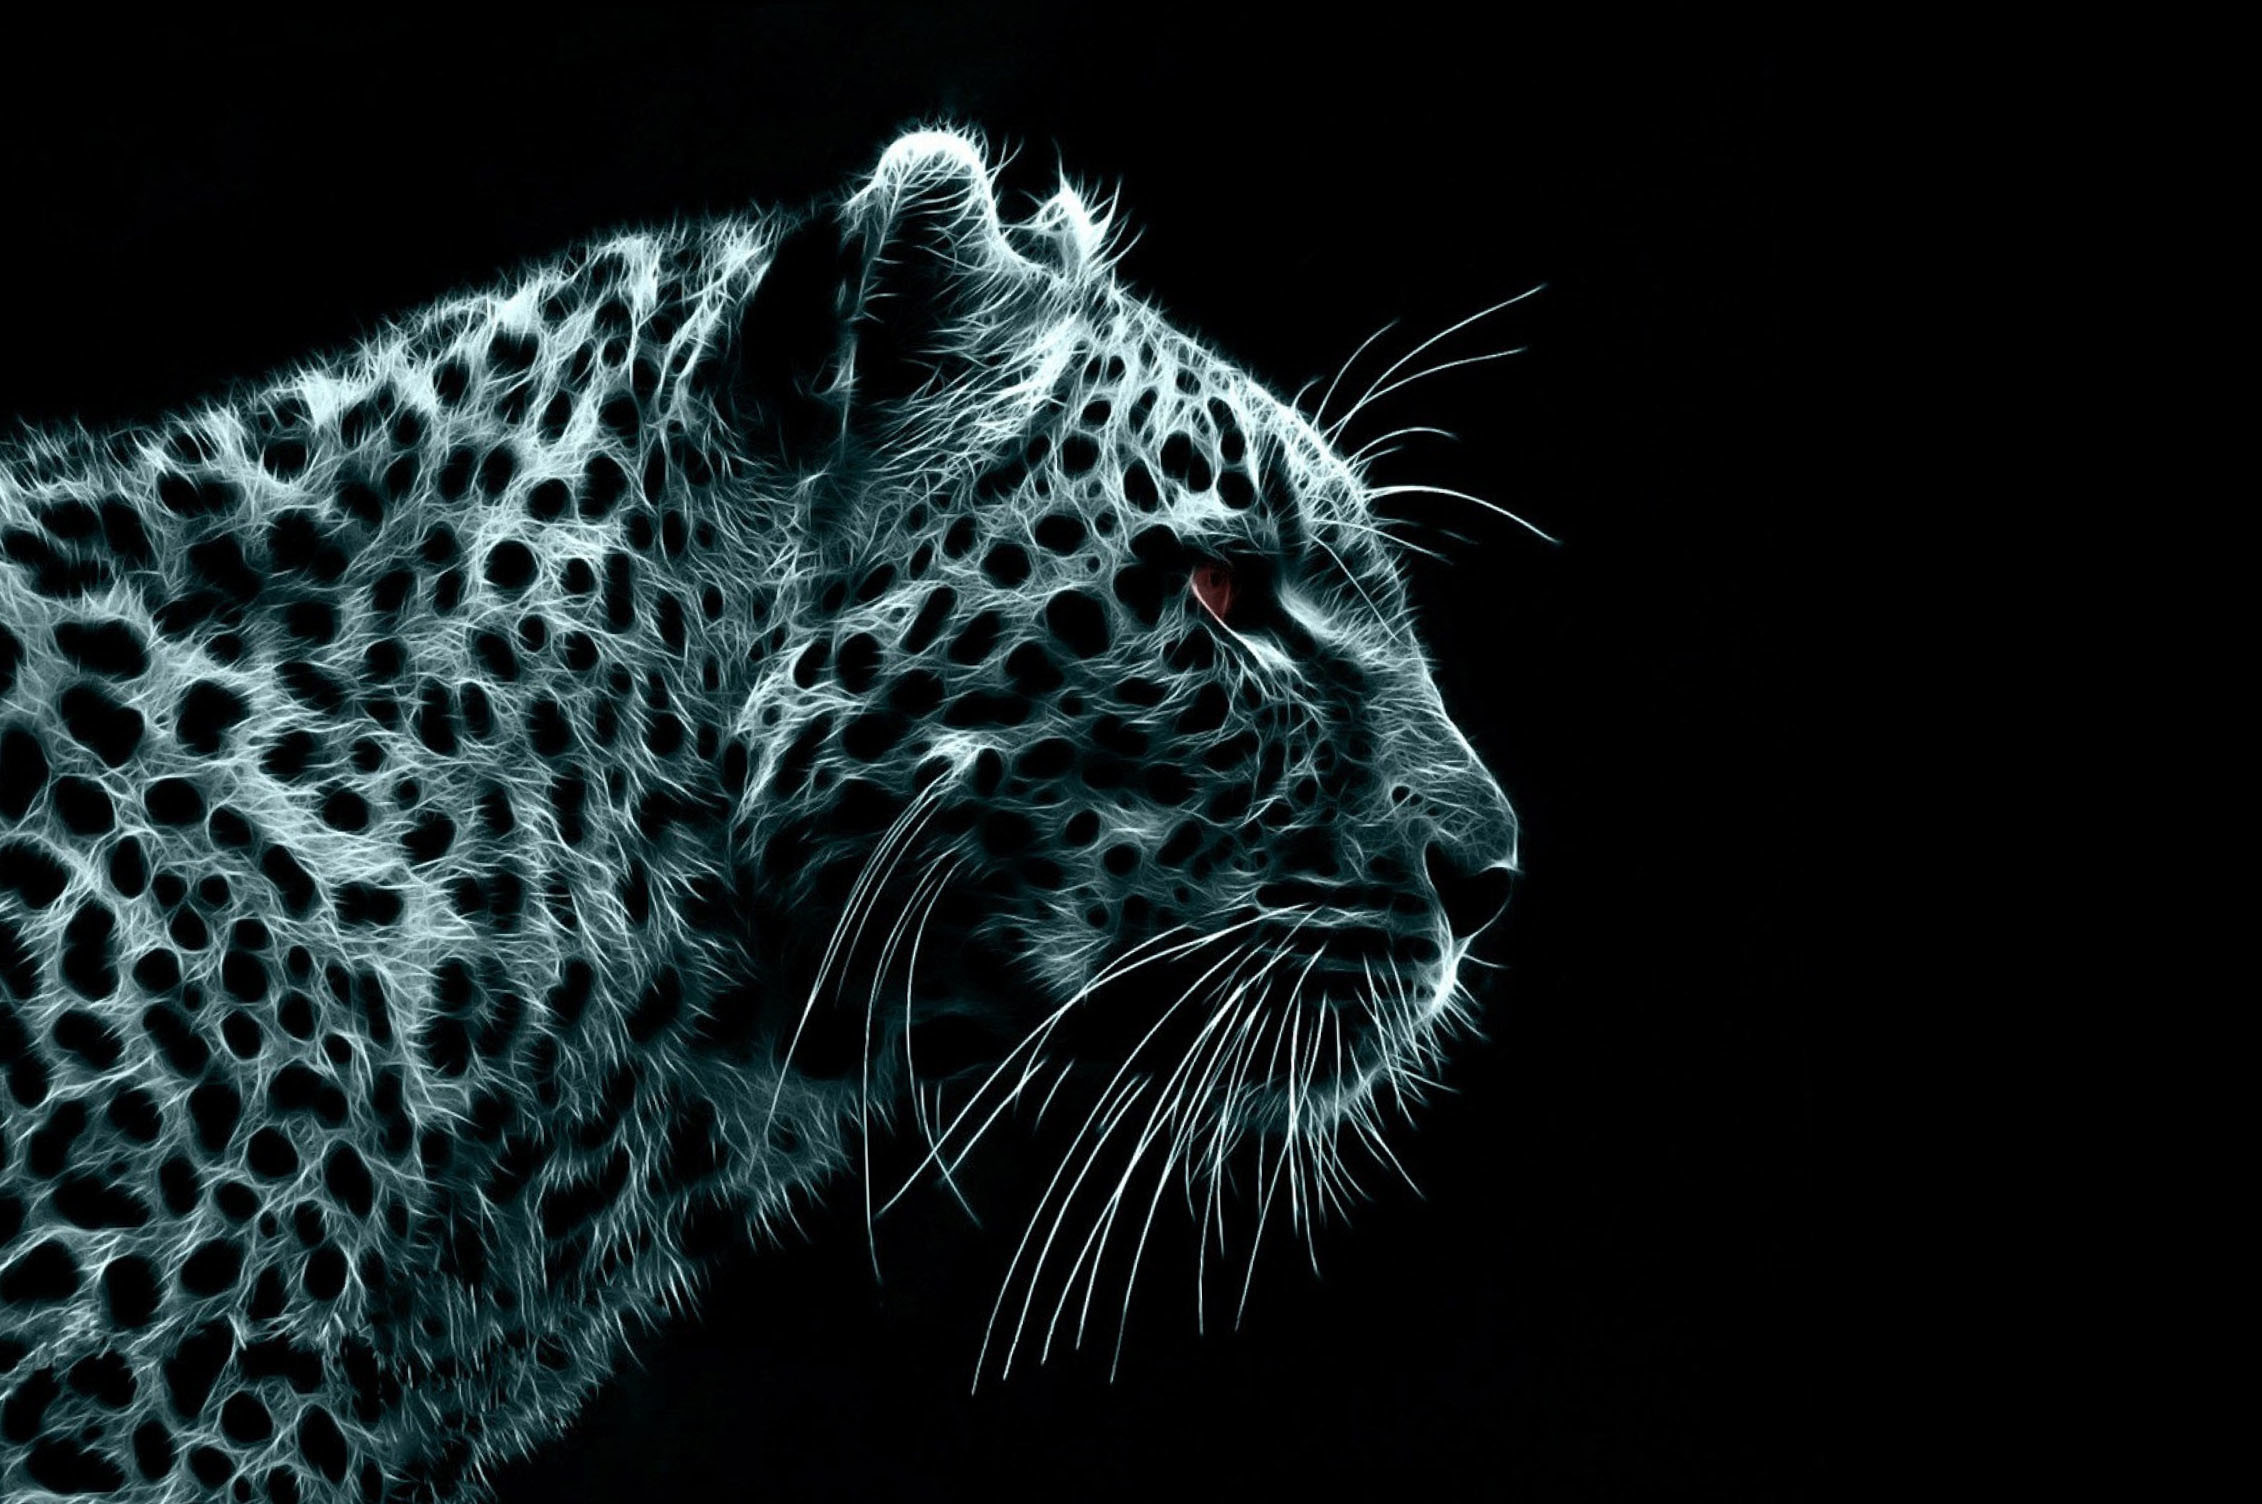 Cool animal backgrounds – Jpg Amazing Animal Backgrounds